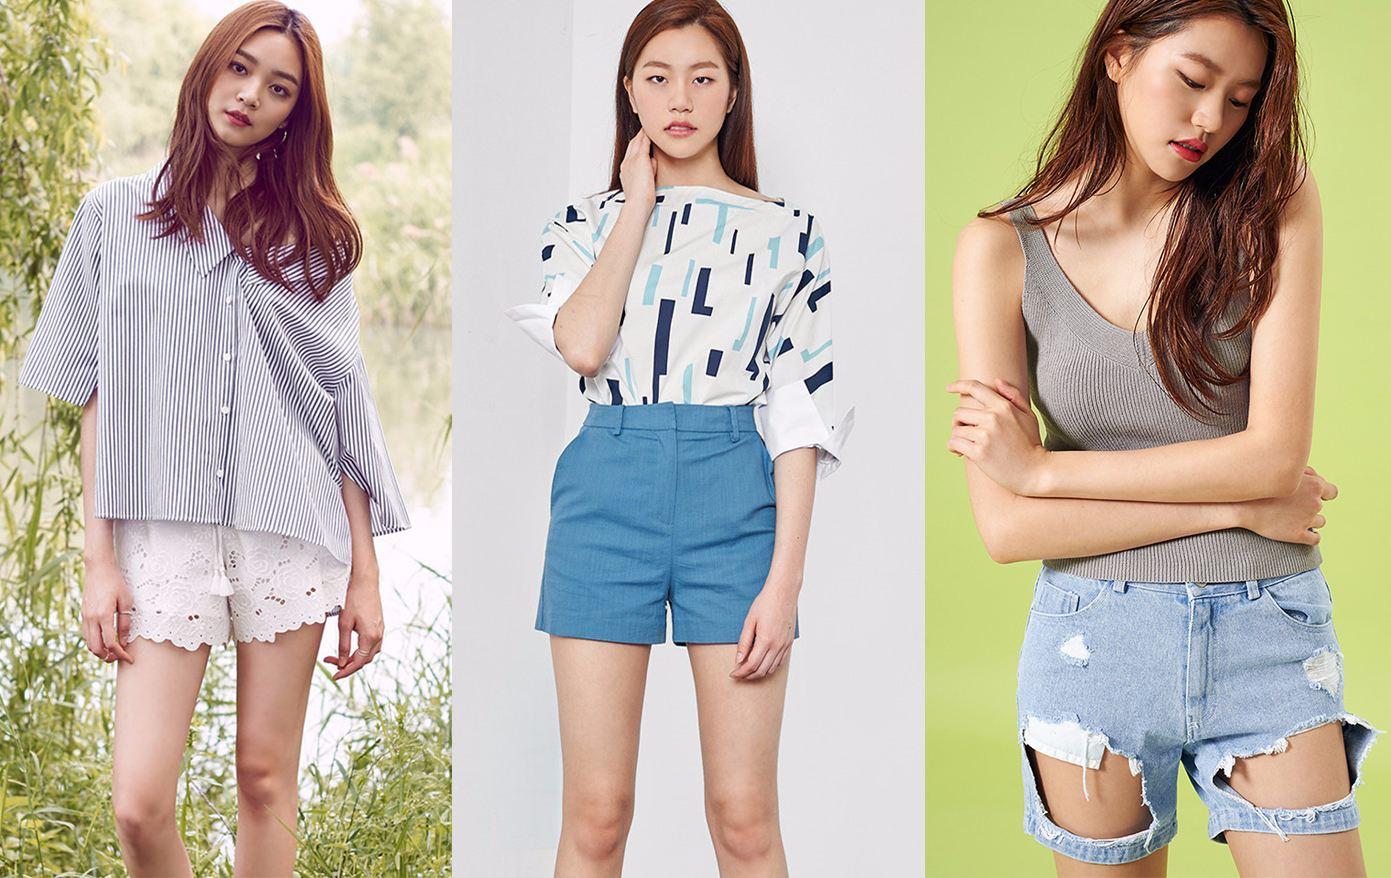 ◆短褲 甜美的淑女款、適合上班族的西裝款、個性的破洞丹寧款,適合每種風格的女孩。價格跟襯衣差不多。